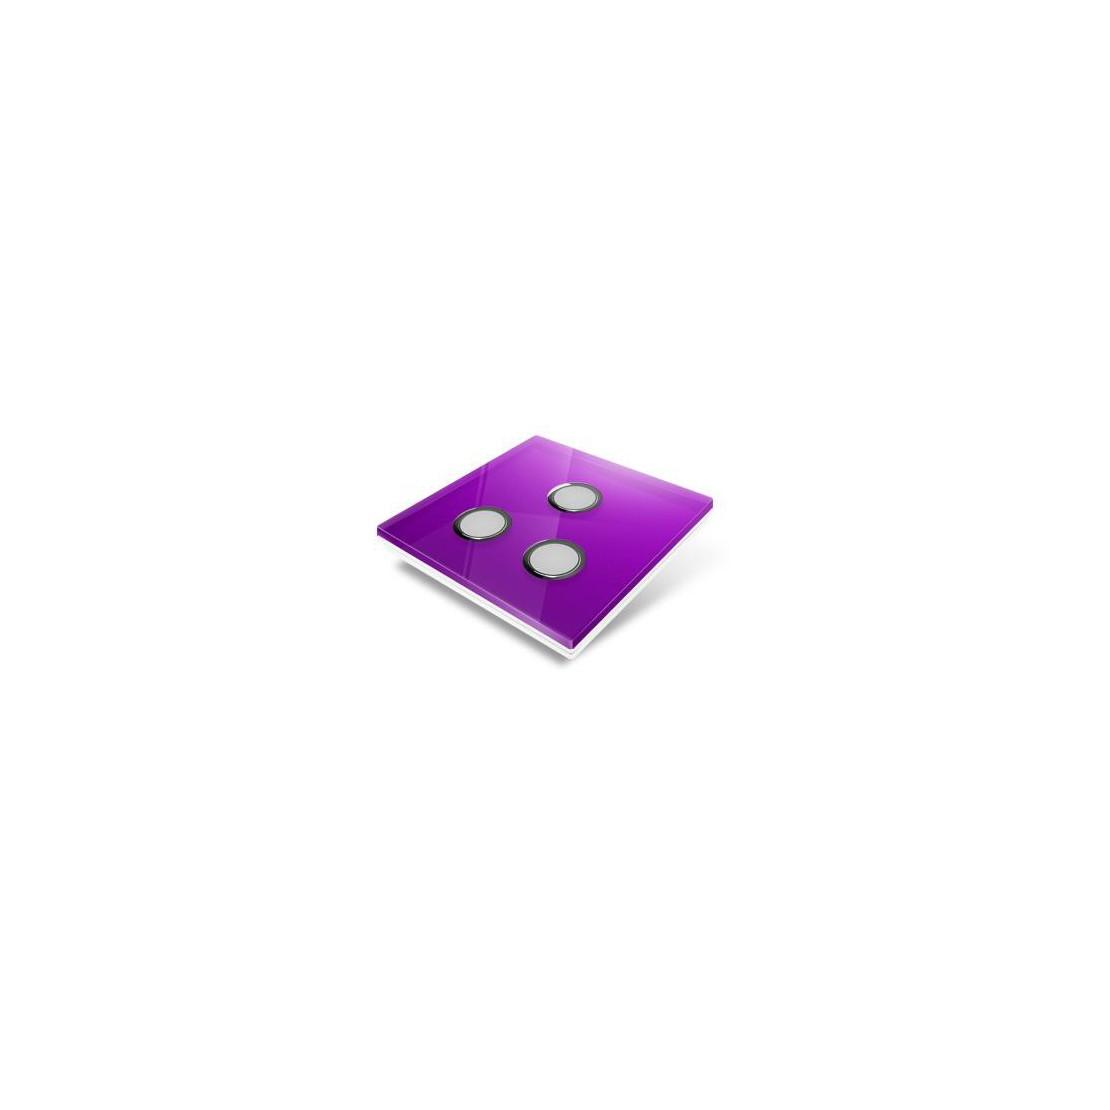 Cubierta para interruptor Edisio - crystal malva